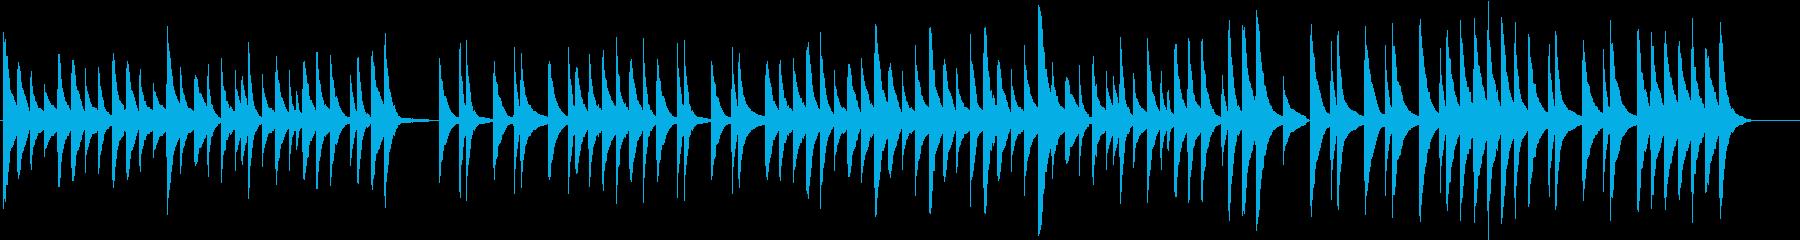 シンプルだけど癒やされるピアノ曲の再生済みの波形